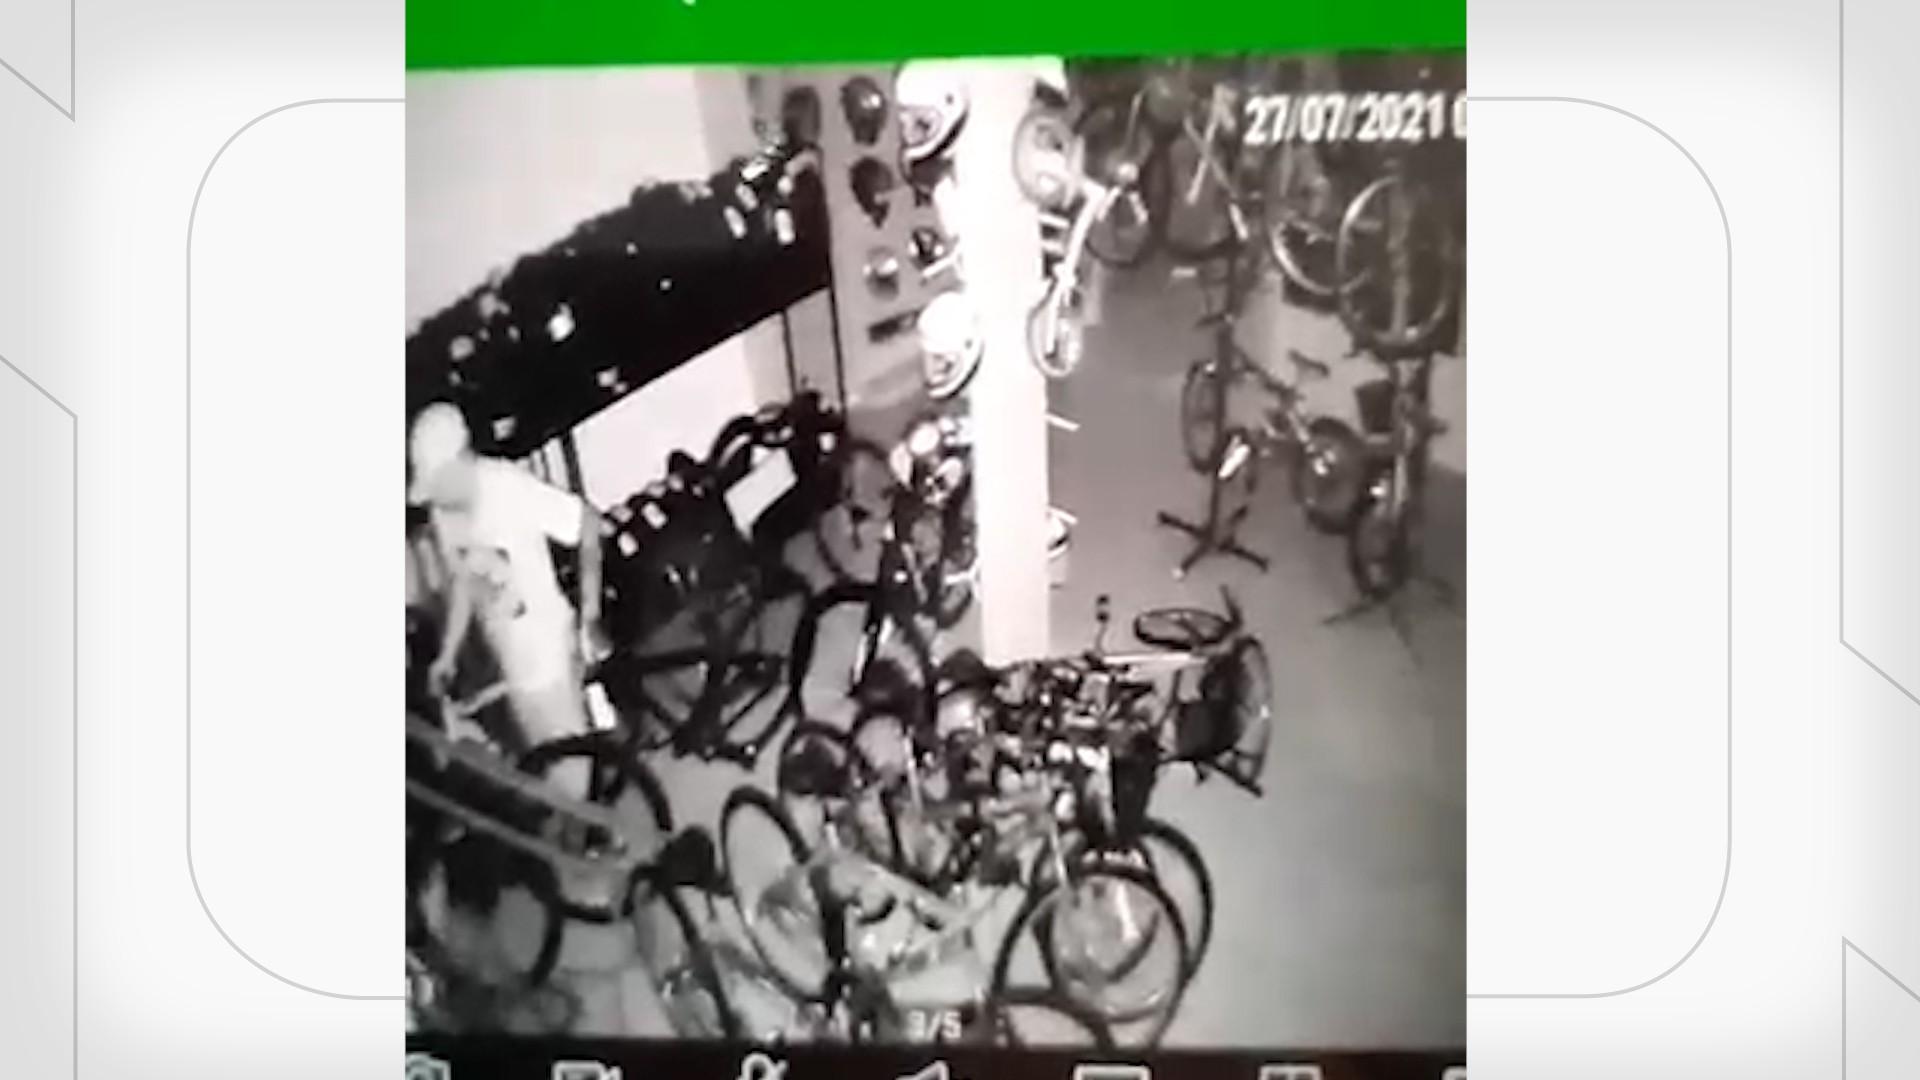 VÍDEO: criminosos furtam bicicletas de loja em São Luís; um suspeito foi preso